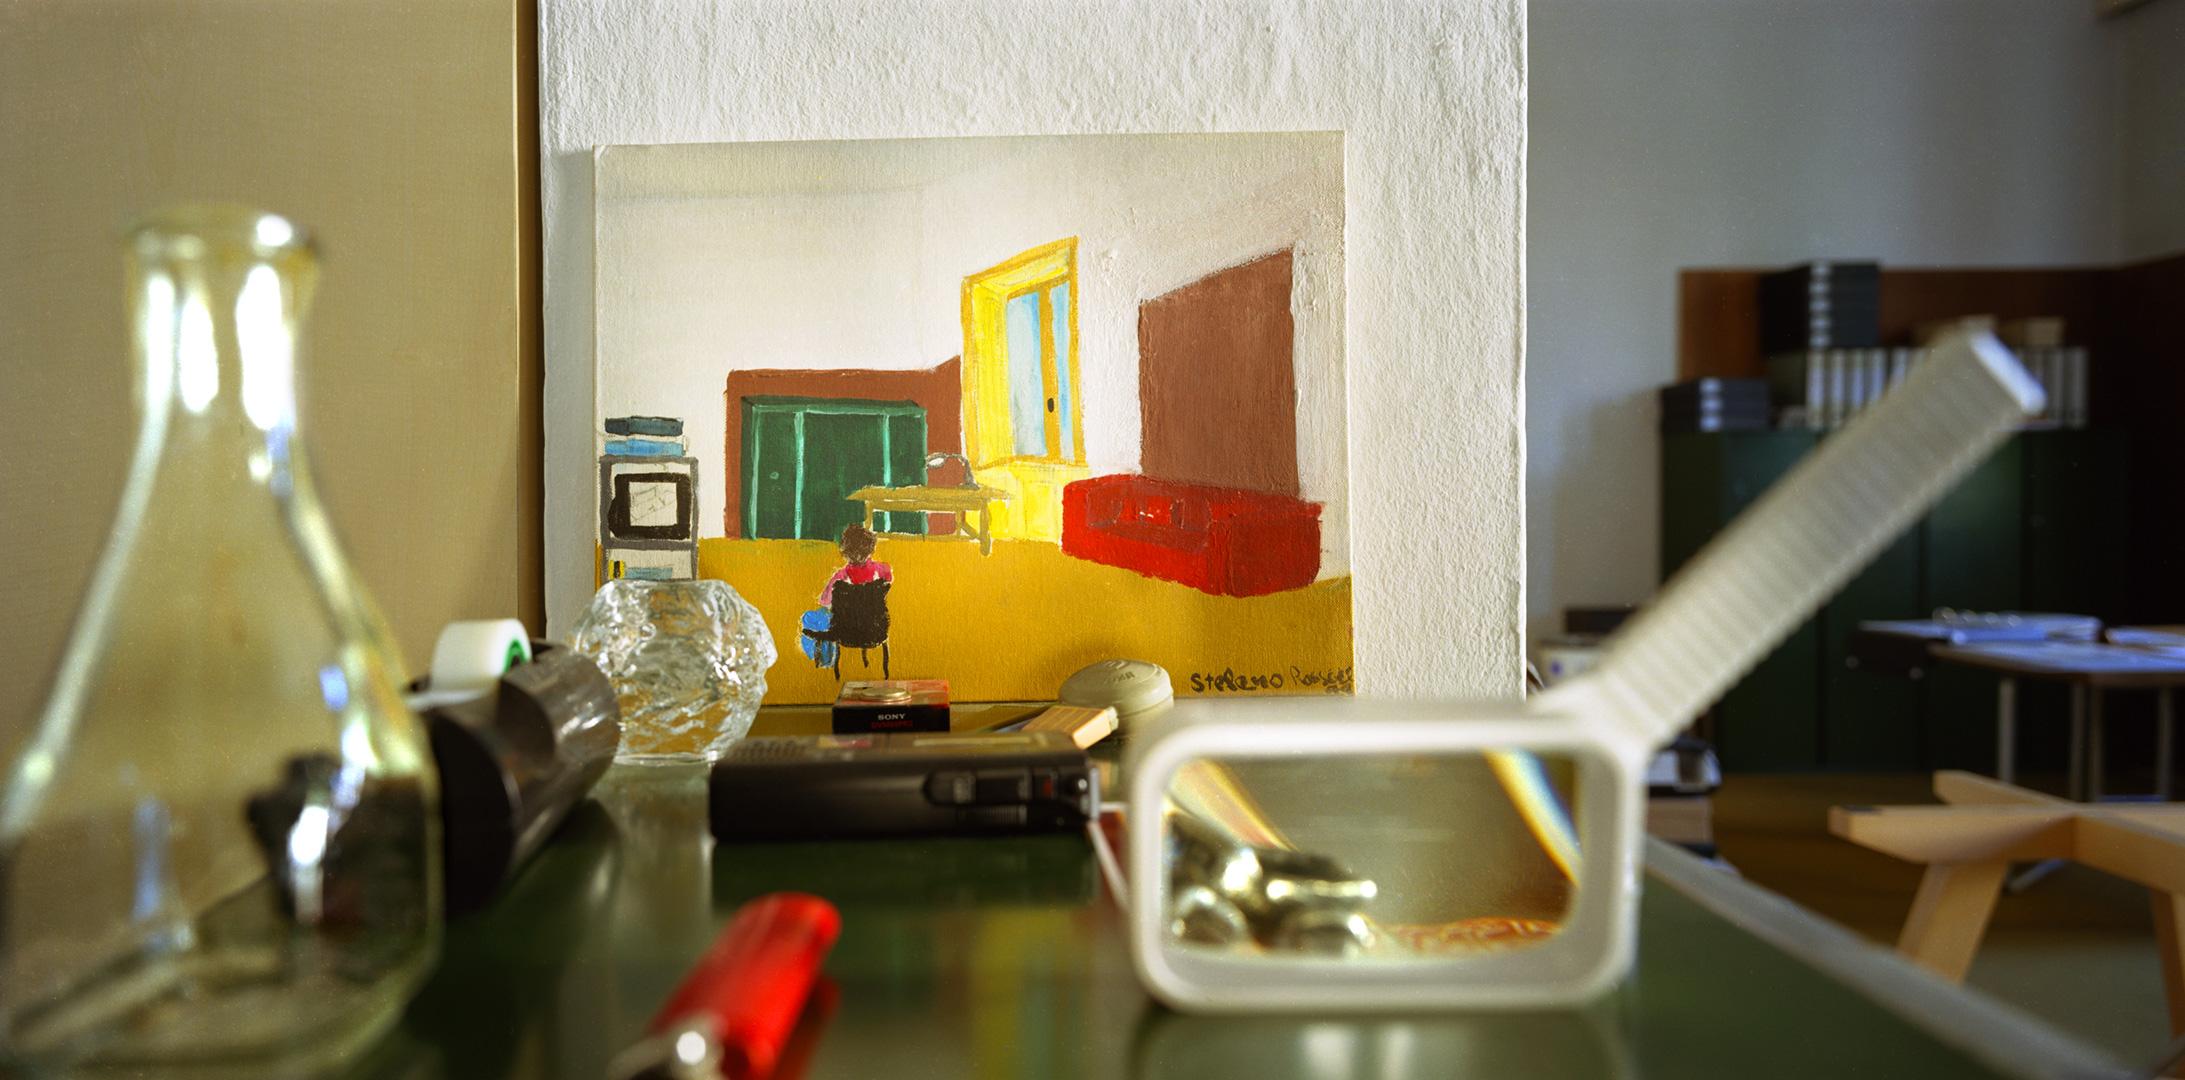 interiors_13_Milano-1995